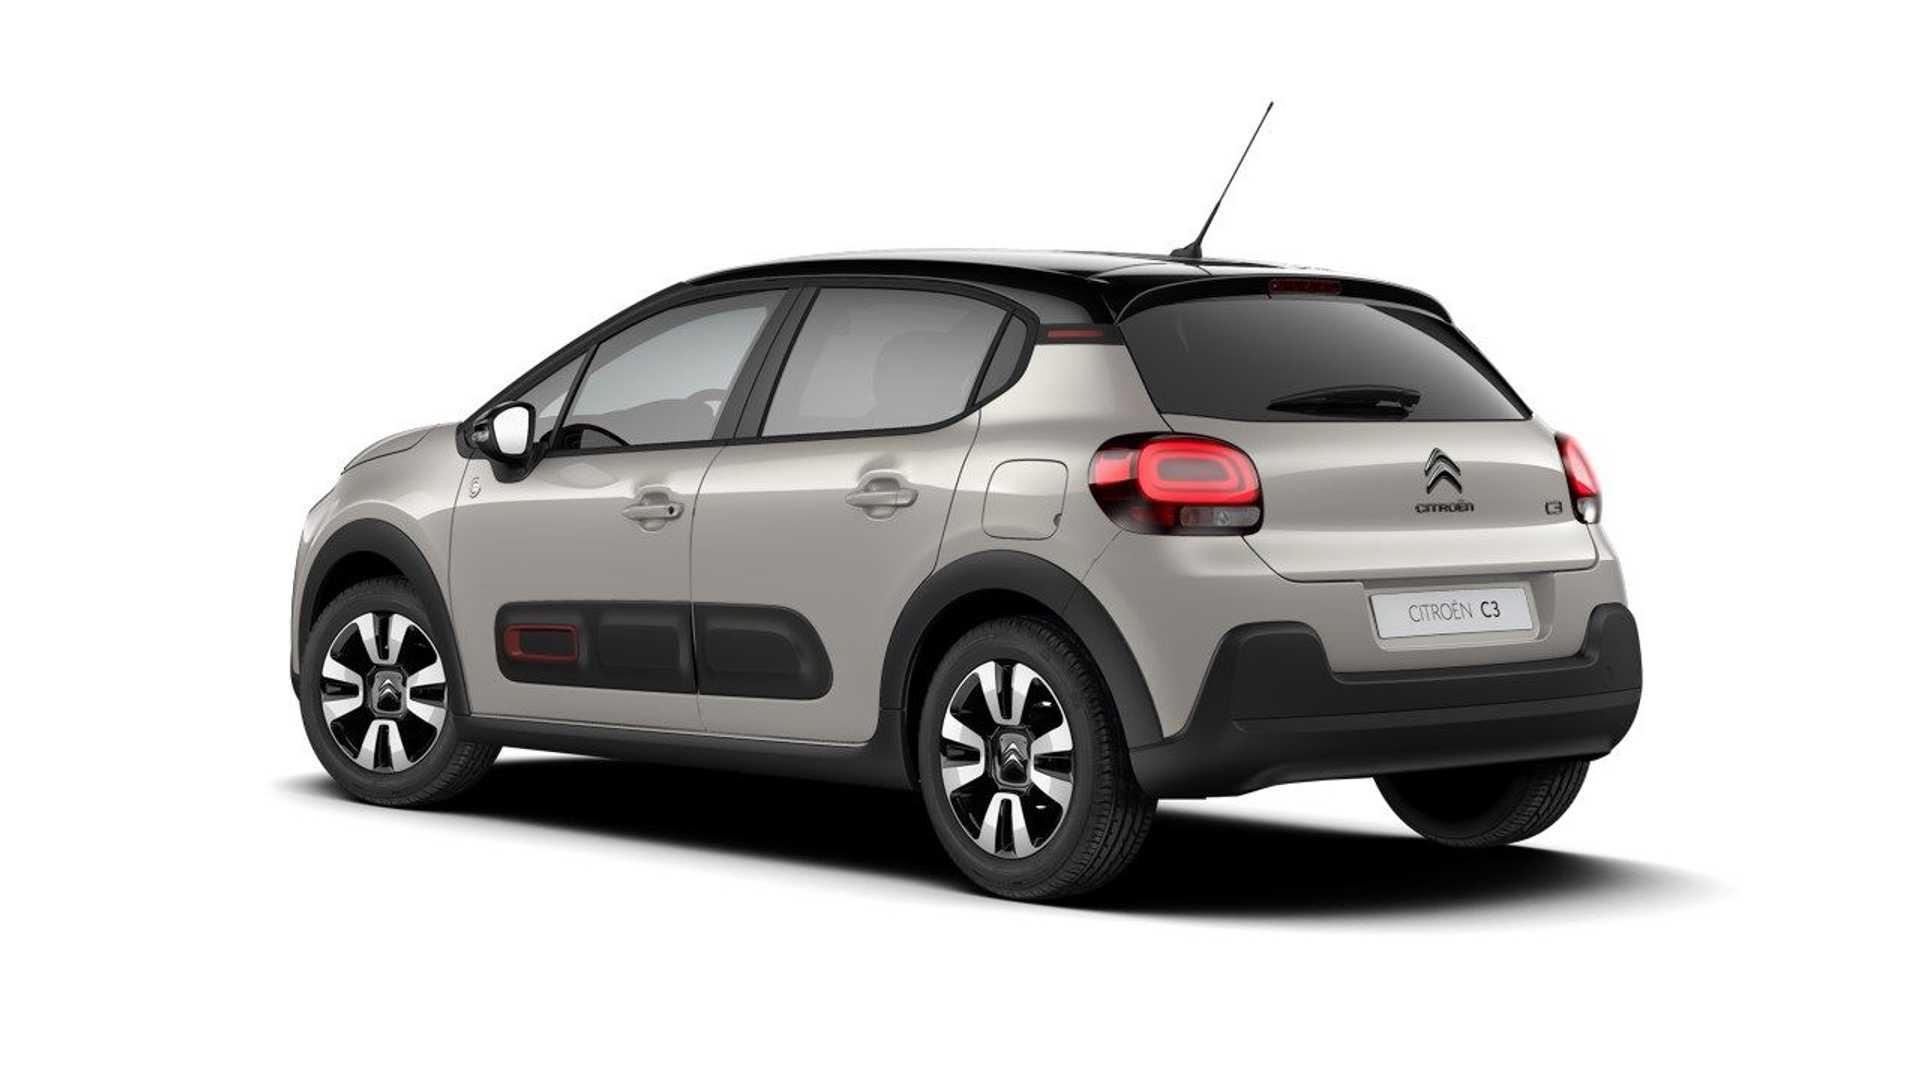 Citroën C3 C-Series